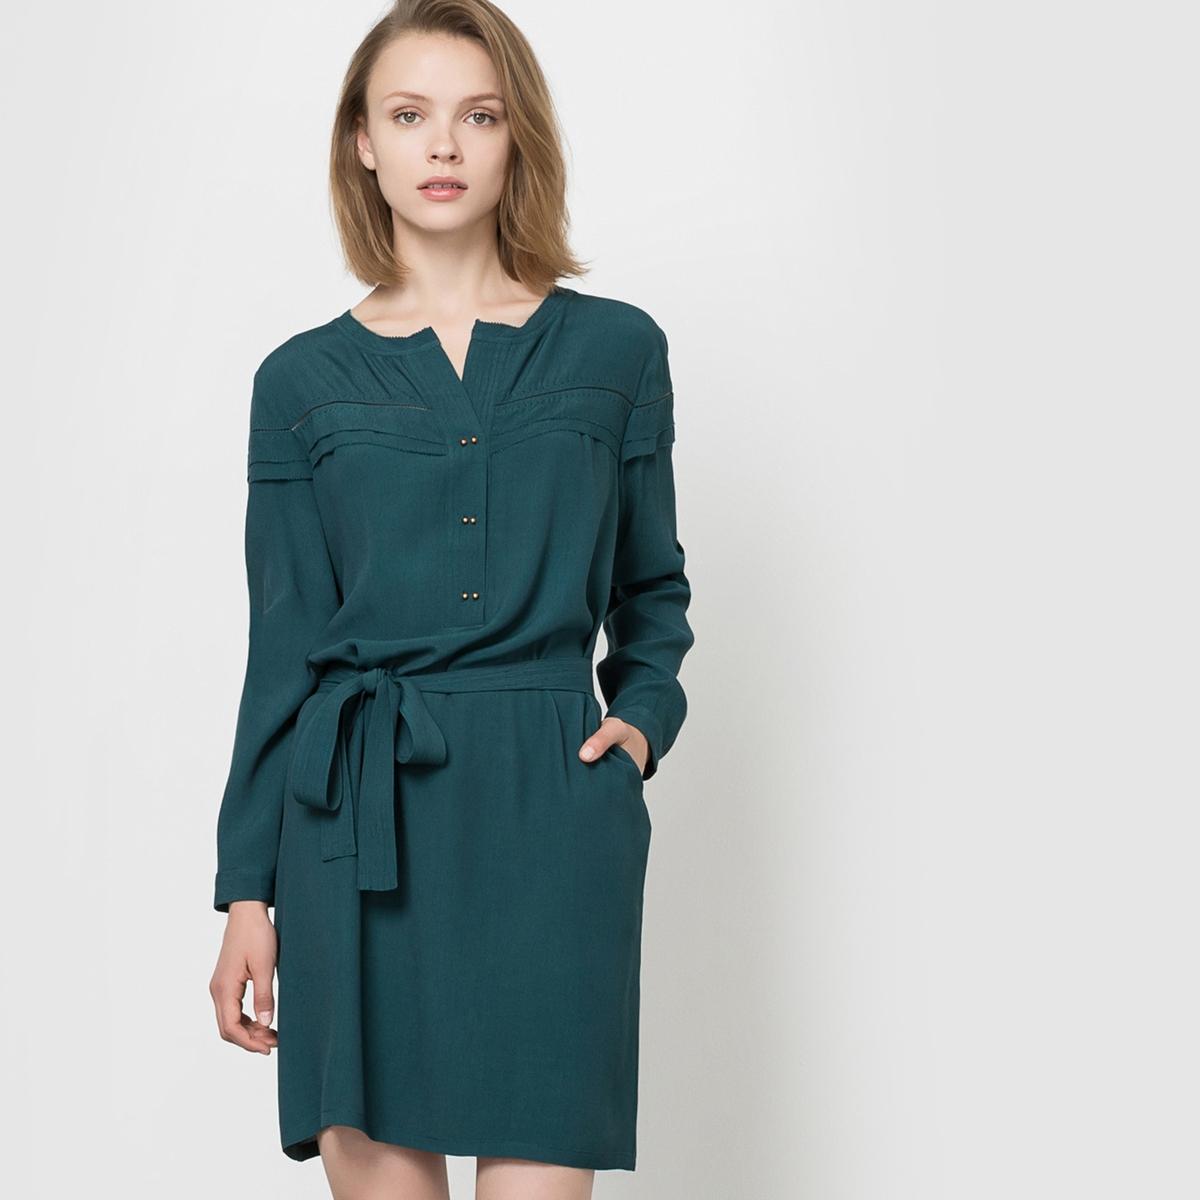 Платье прямого покрояСостав и описаниеМарка:      SEE U SOON.     Материал:     100% вискозы.          УходМашинная стирка при 30°C     с вещами схожих цветов.<br><br>Цвет: сине-зеленый,черный<br>Размер: XS.XS